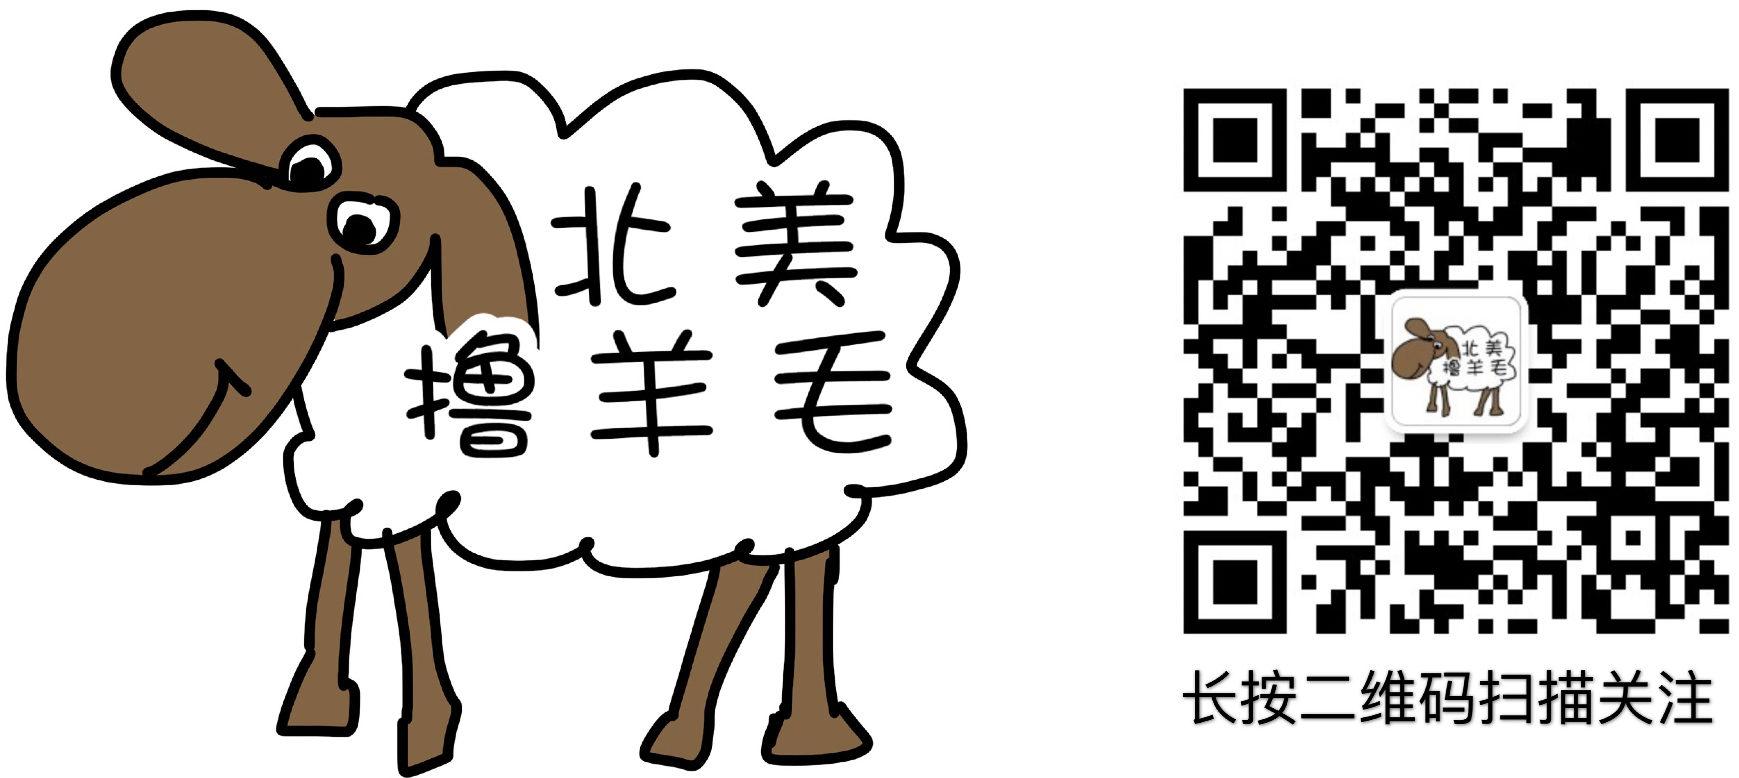 北美撸羊毛 – 实用可靠的省钱赚钱信息